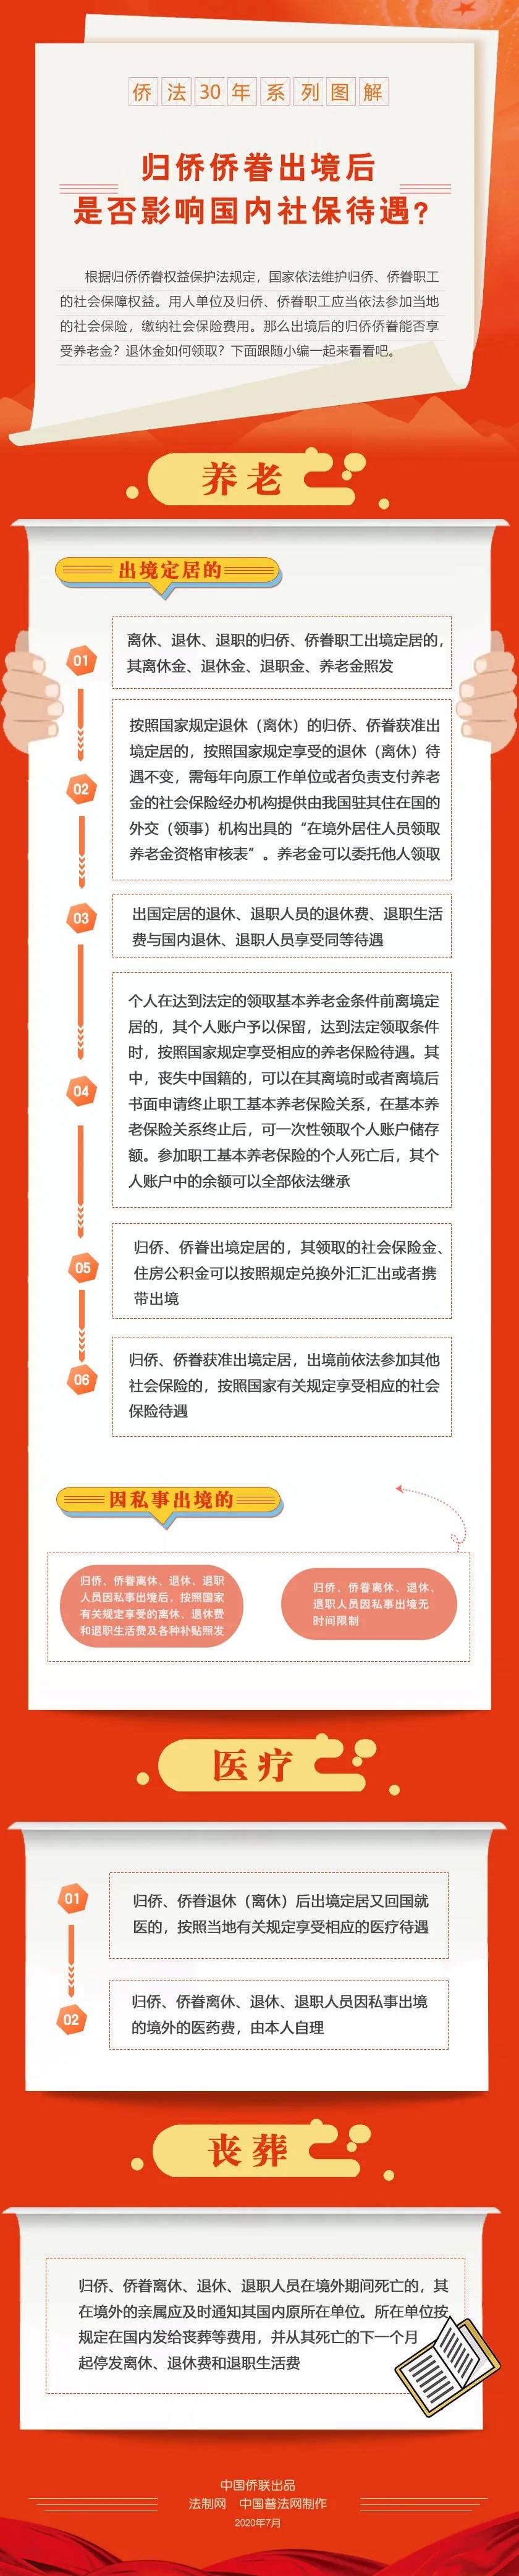 侨法30年系列图解(五).jpg